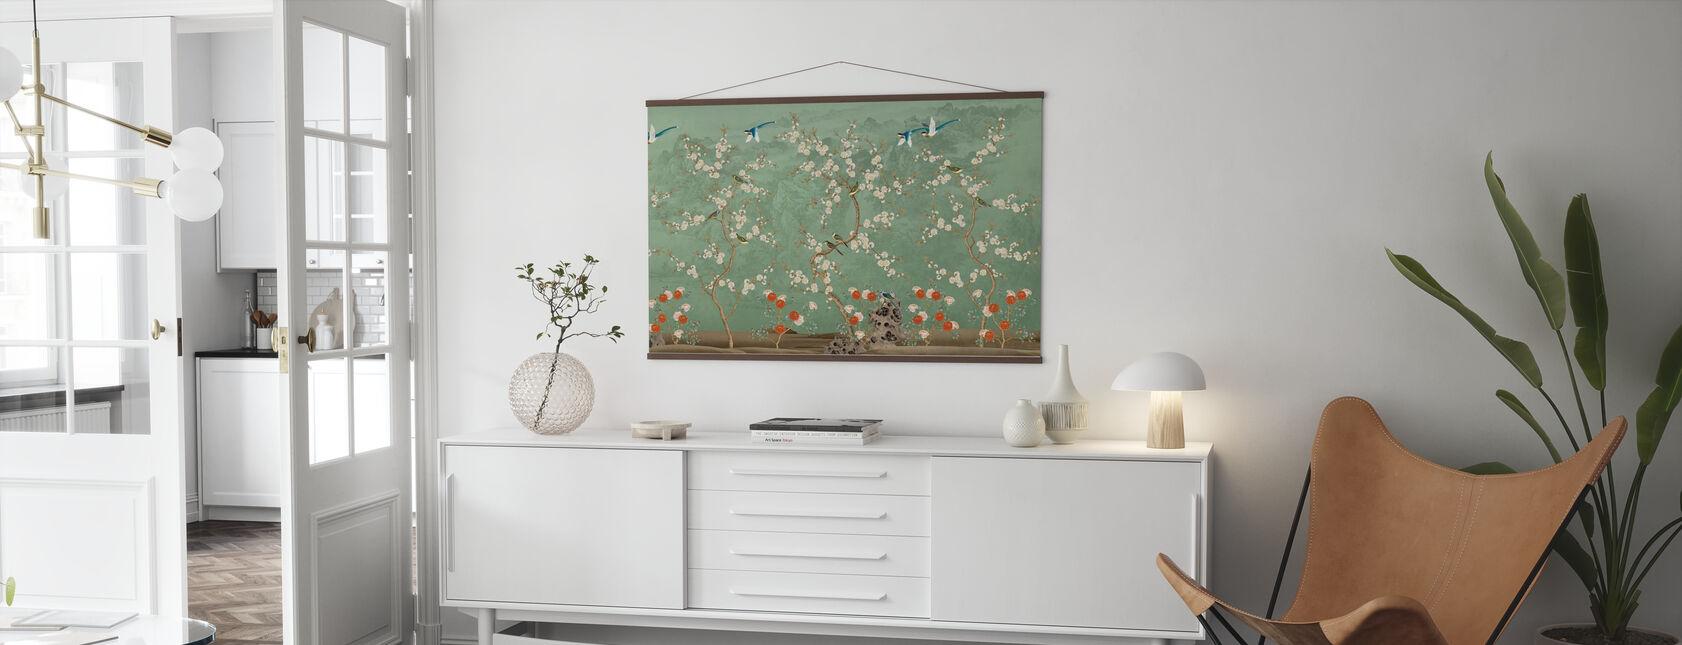 Chinoiserie Garten - Smaragd - Poster - Wohnzimmer